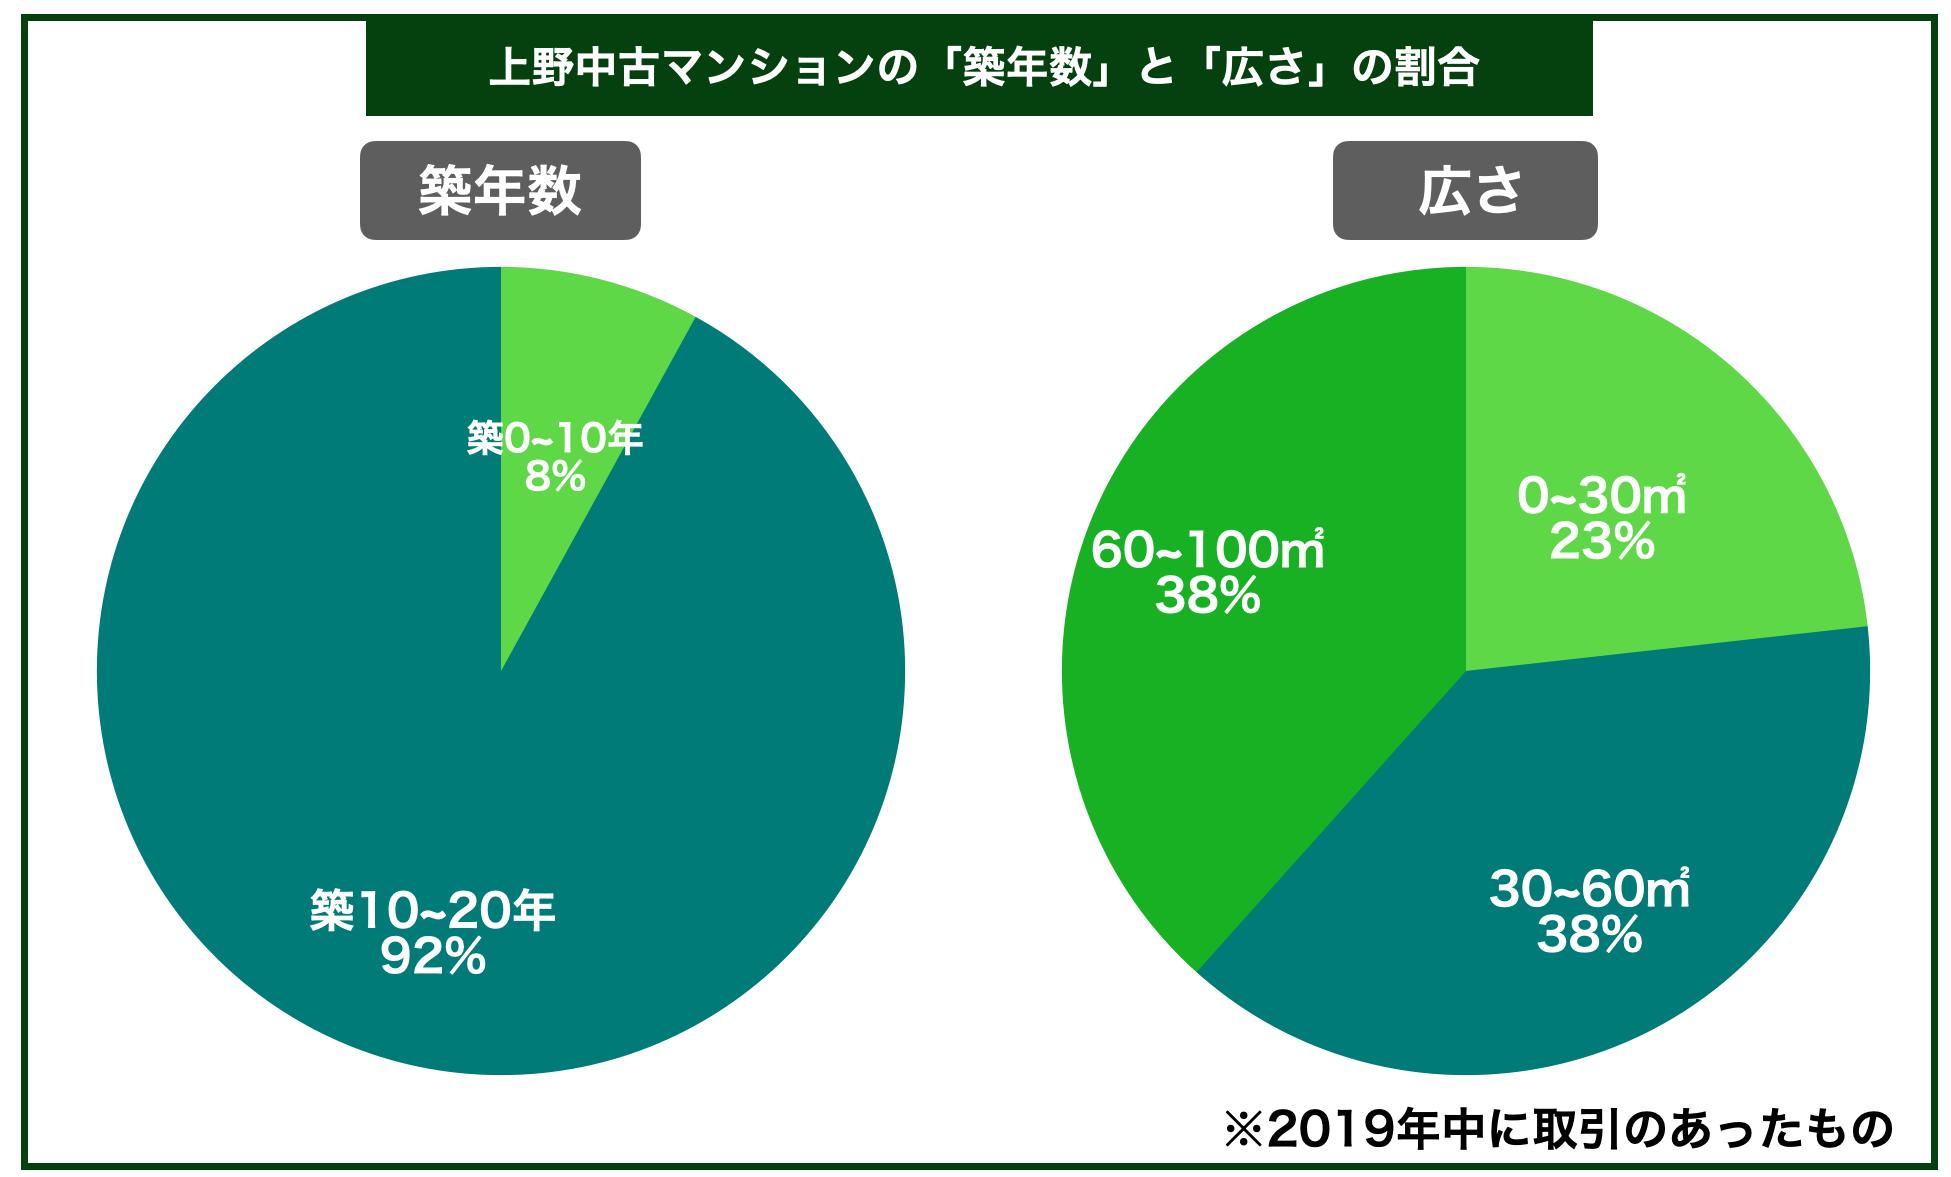 上野中古マンション築年数広さ割合